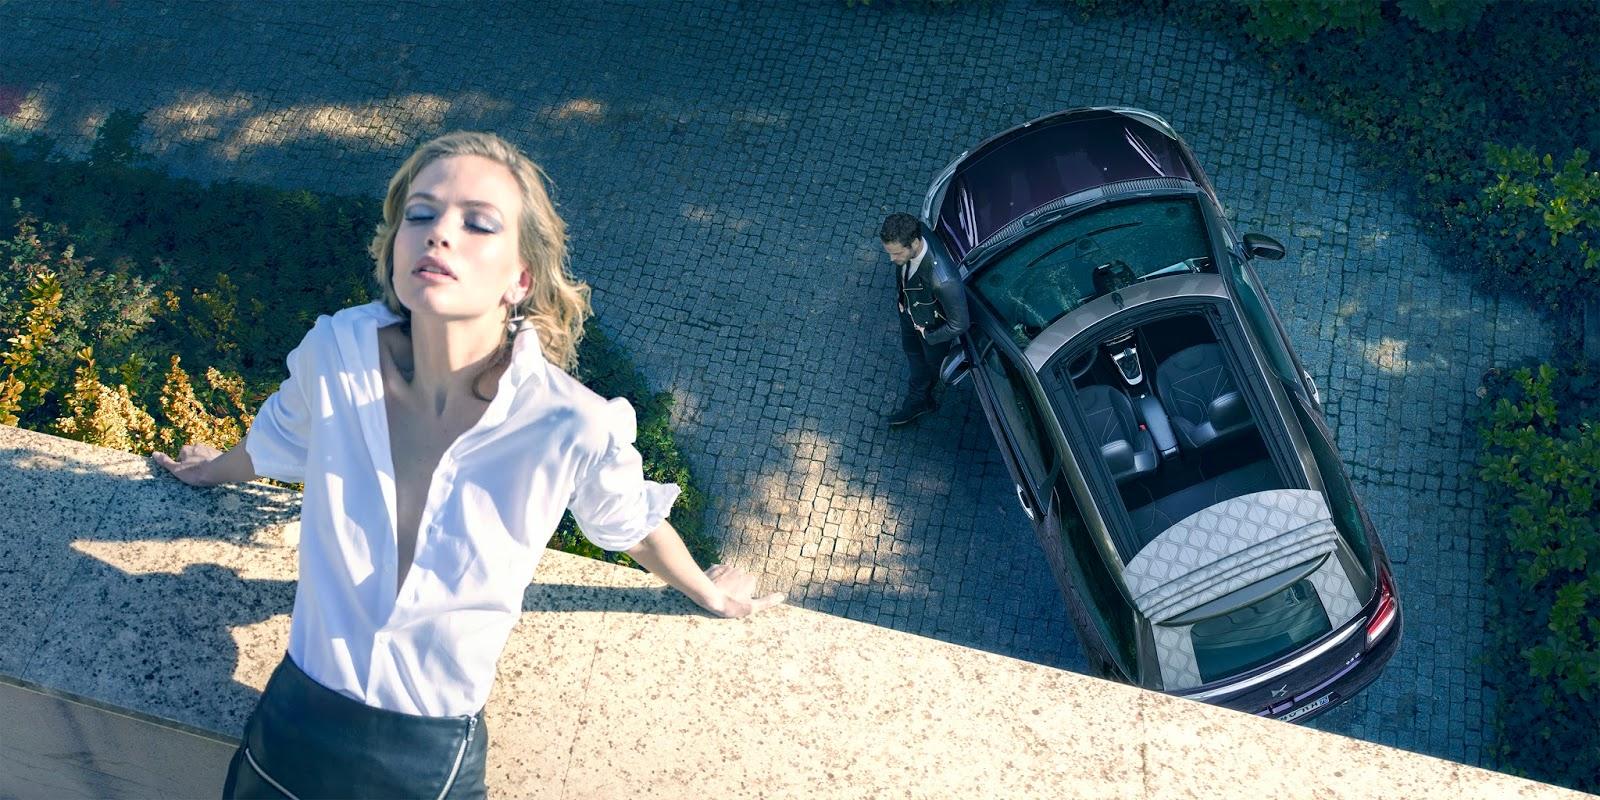 CL%2B15.103.009 Στο Σαλόνι Αυτοκινήτου της Γενεύης η παγκόσμια πρεμιέρα για το DS 3 PERFORMANCE & DS 3 Cabrio PERFORMANCE των 208 ίππων ds 3, DS 3 PERFORMANCE, DS 4, DS 4 Crossback, DS 5, DS Automobiles, Virtual Garage, Σαλόνι Αυτοκινήτου, Σαλόνι Αυτοκινήτου της Γενεύης